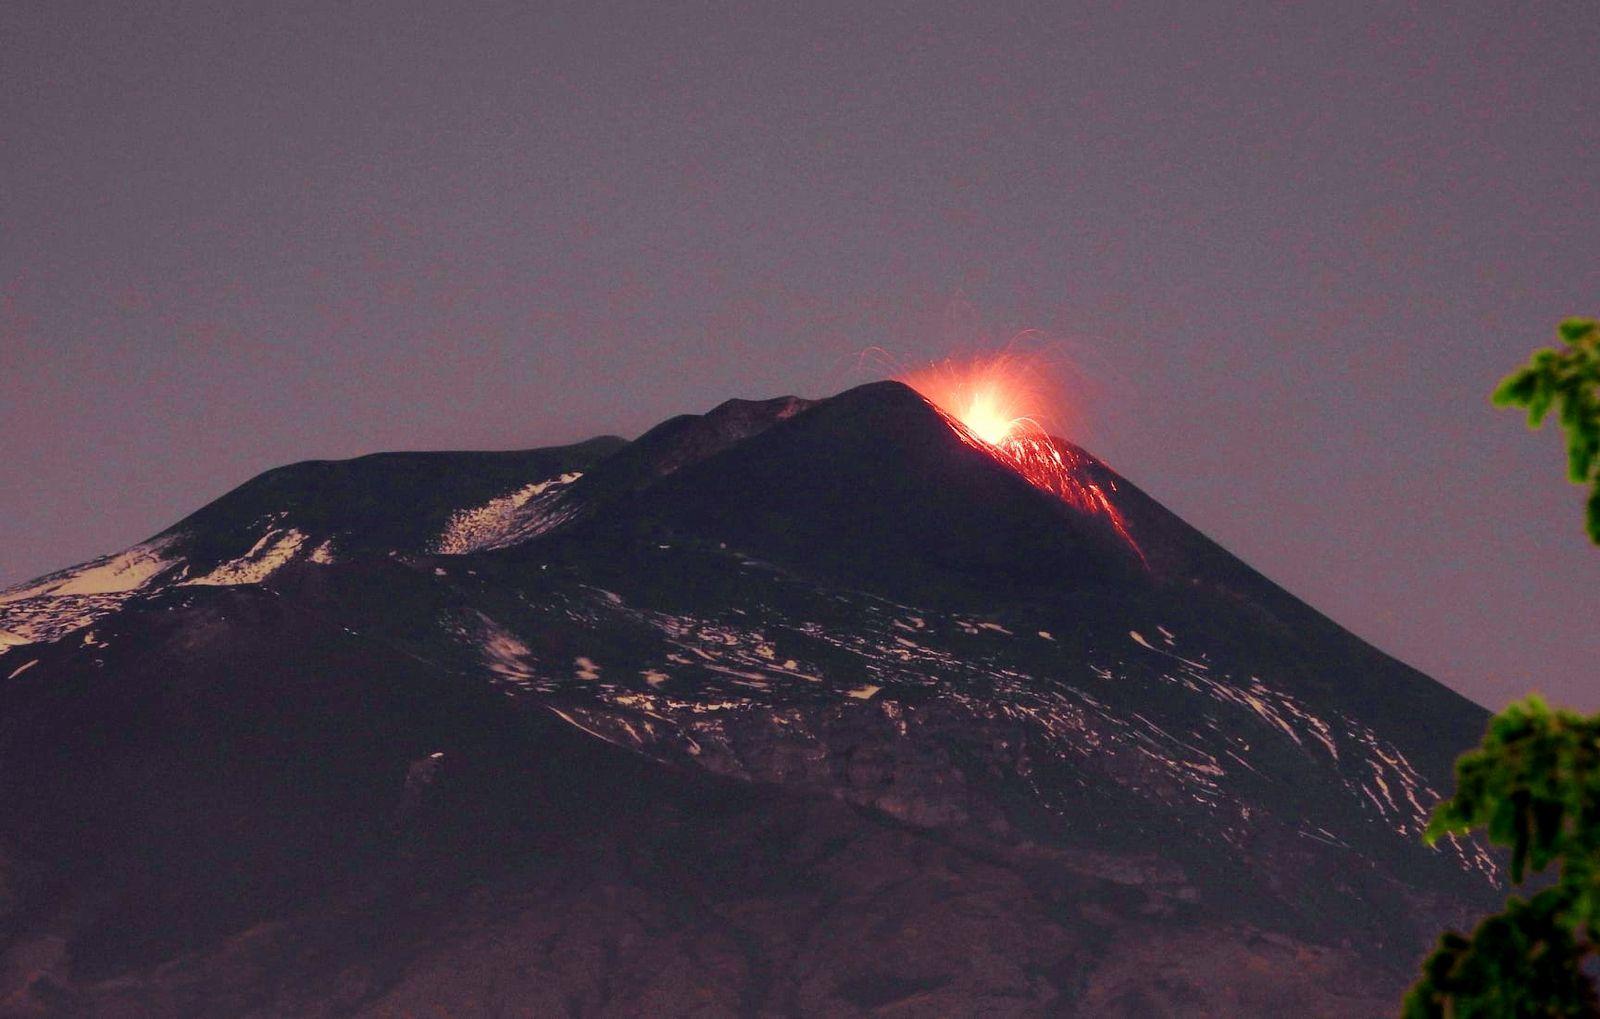 Etna SEC - Strombolian activity of 04.26.2021 - photo Boris Behncke